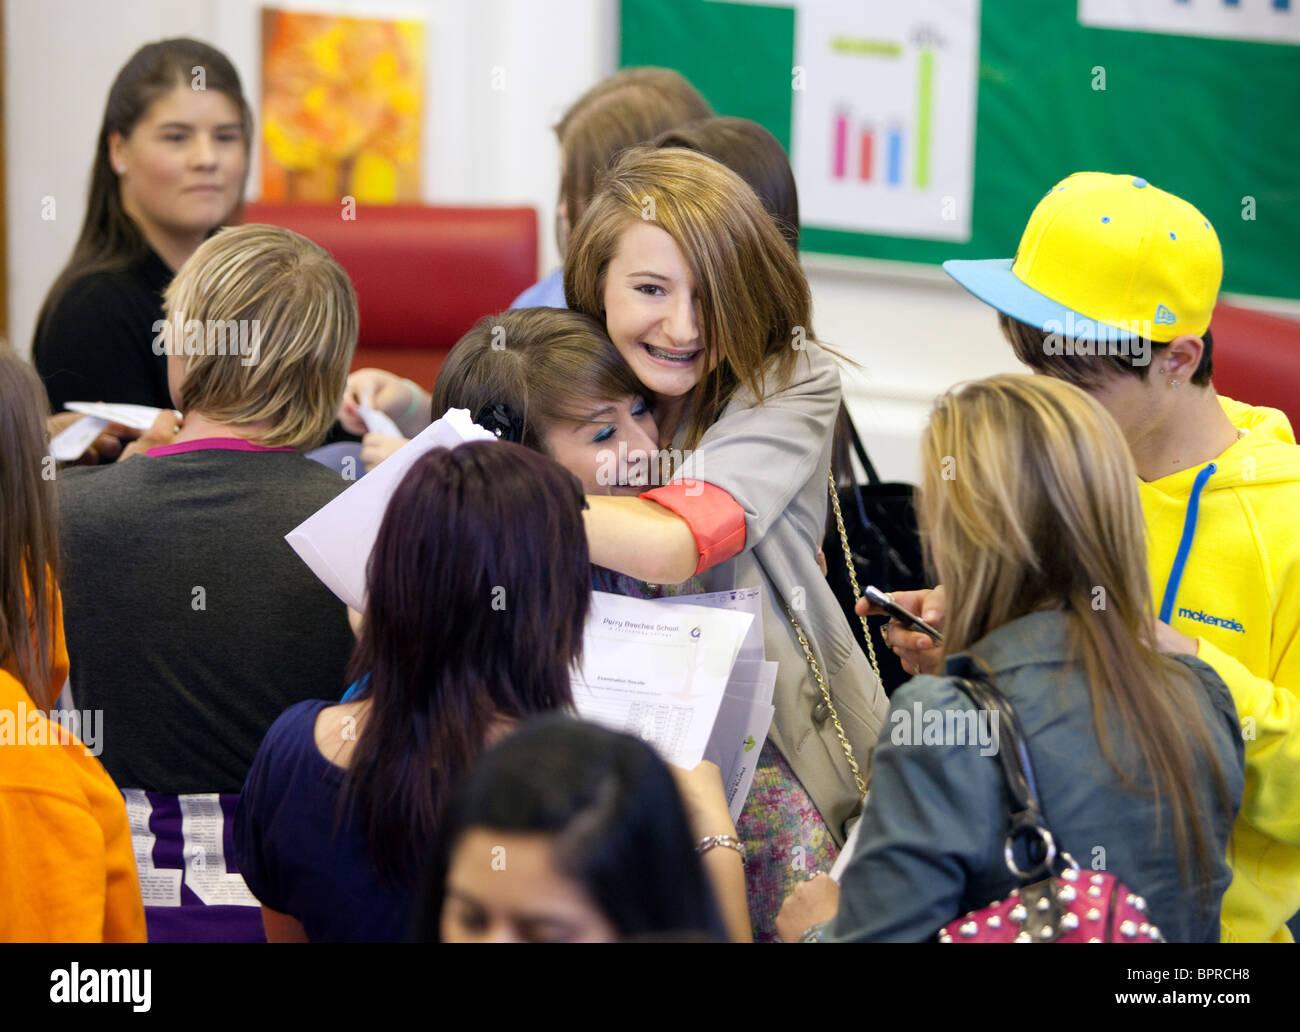 Schülerinnen und Schüler an Perry buchen School in Birmingham feiern ihre GCSE-Prüfungsergebnisse. Stockbild